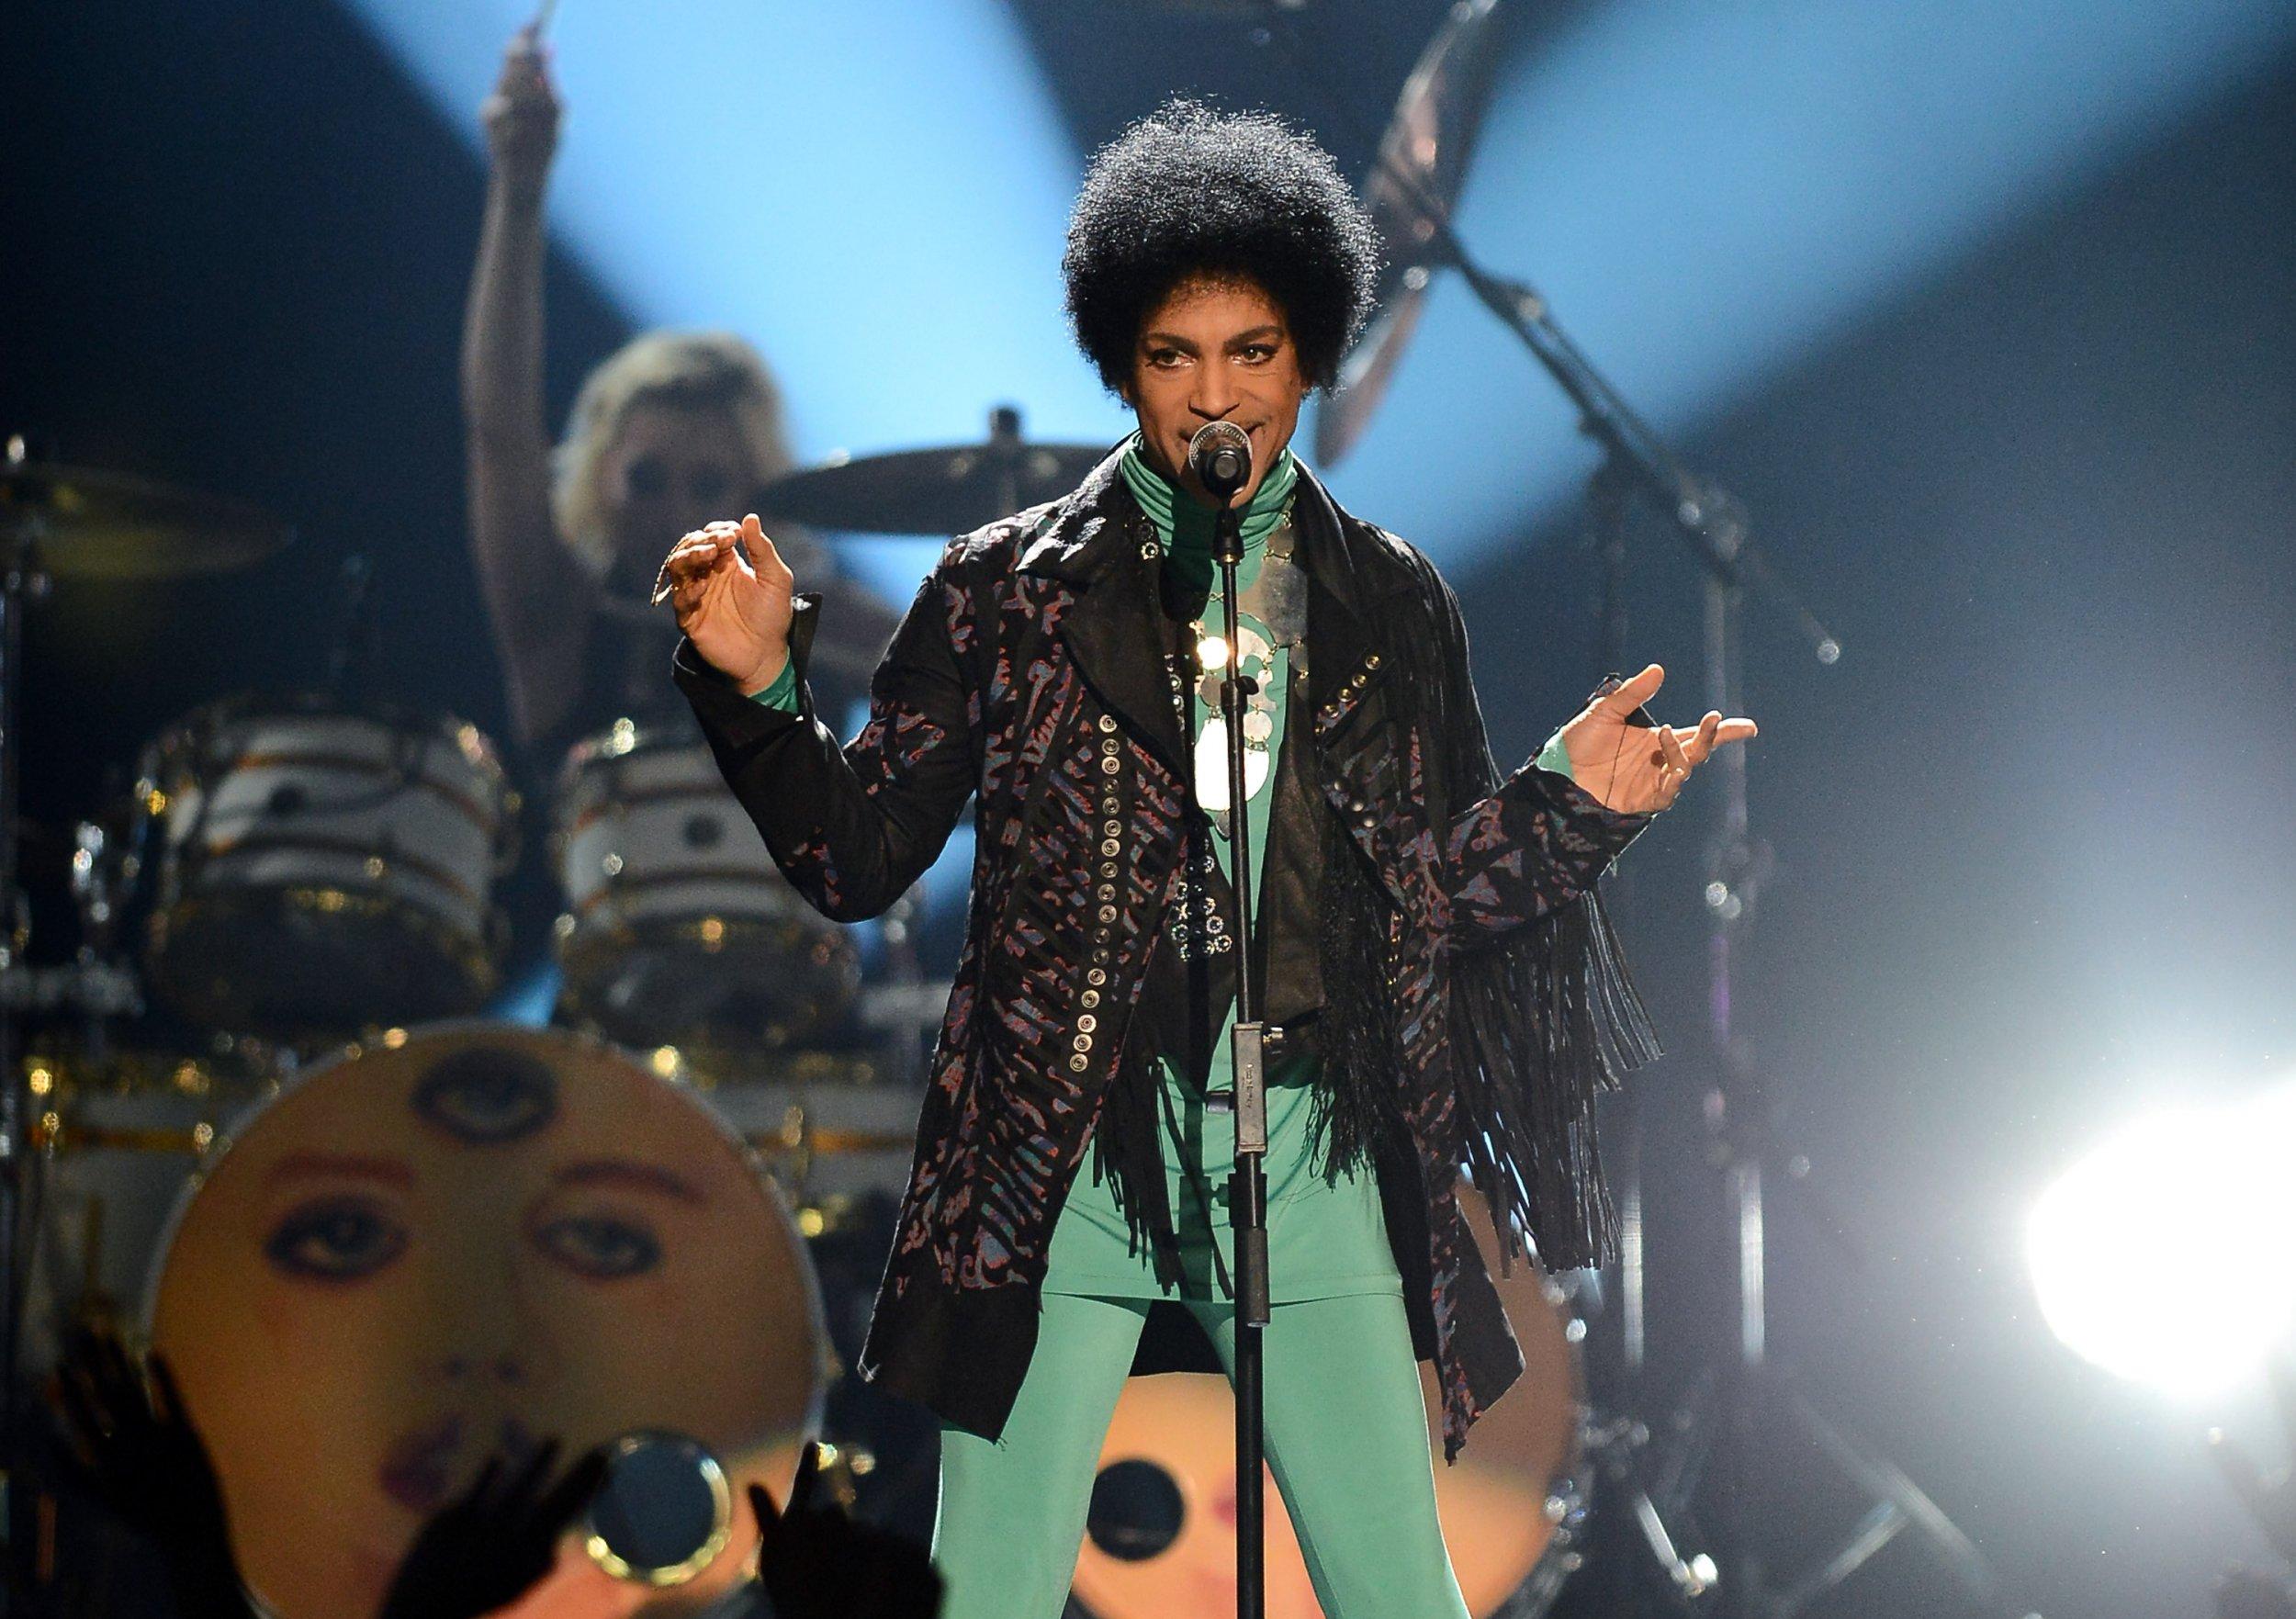 Prince at Billboard Music Awards 2013